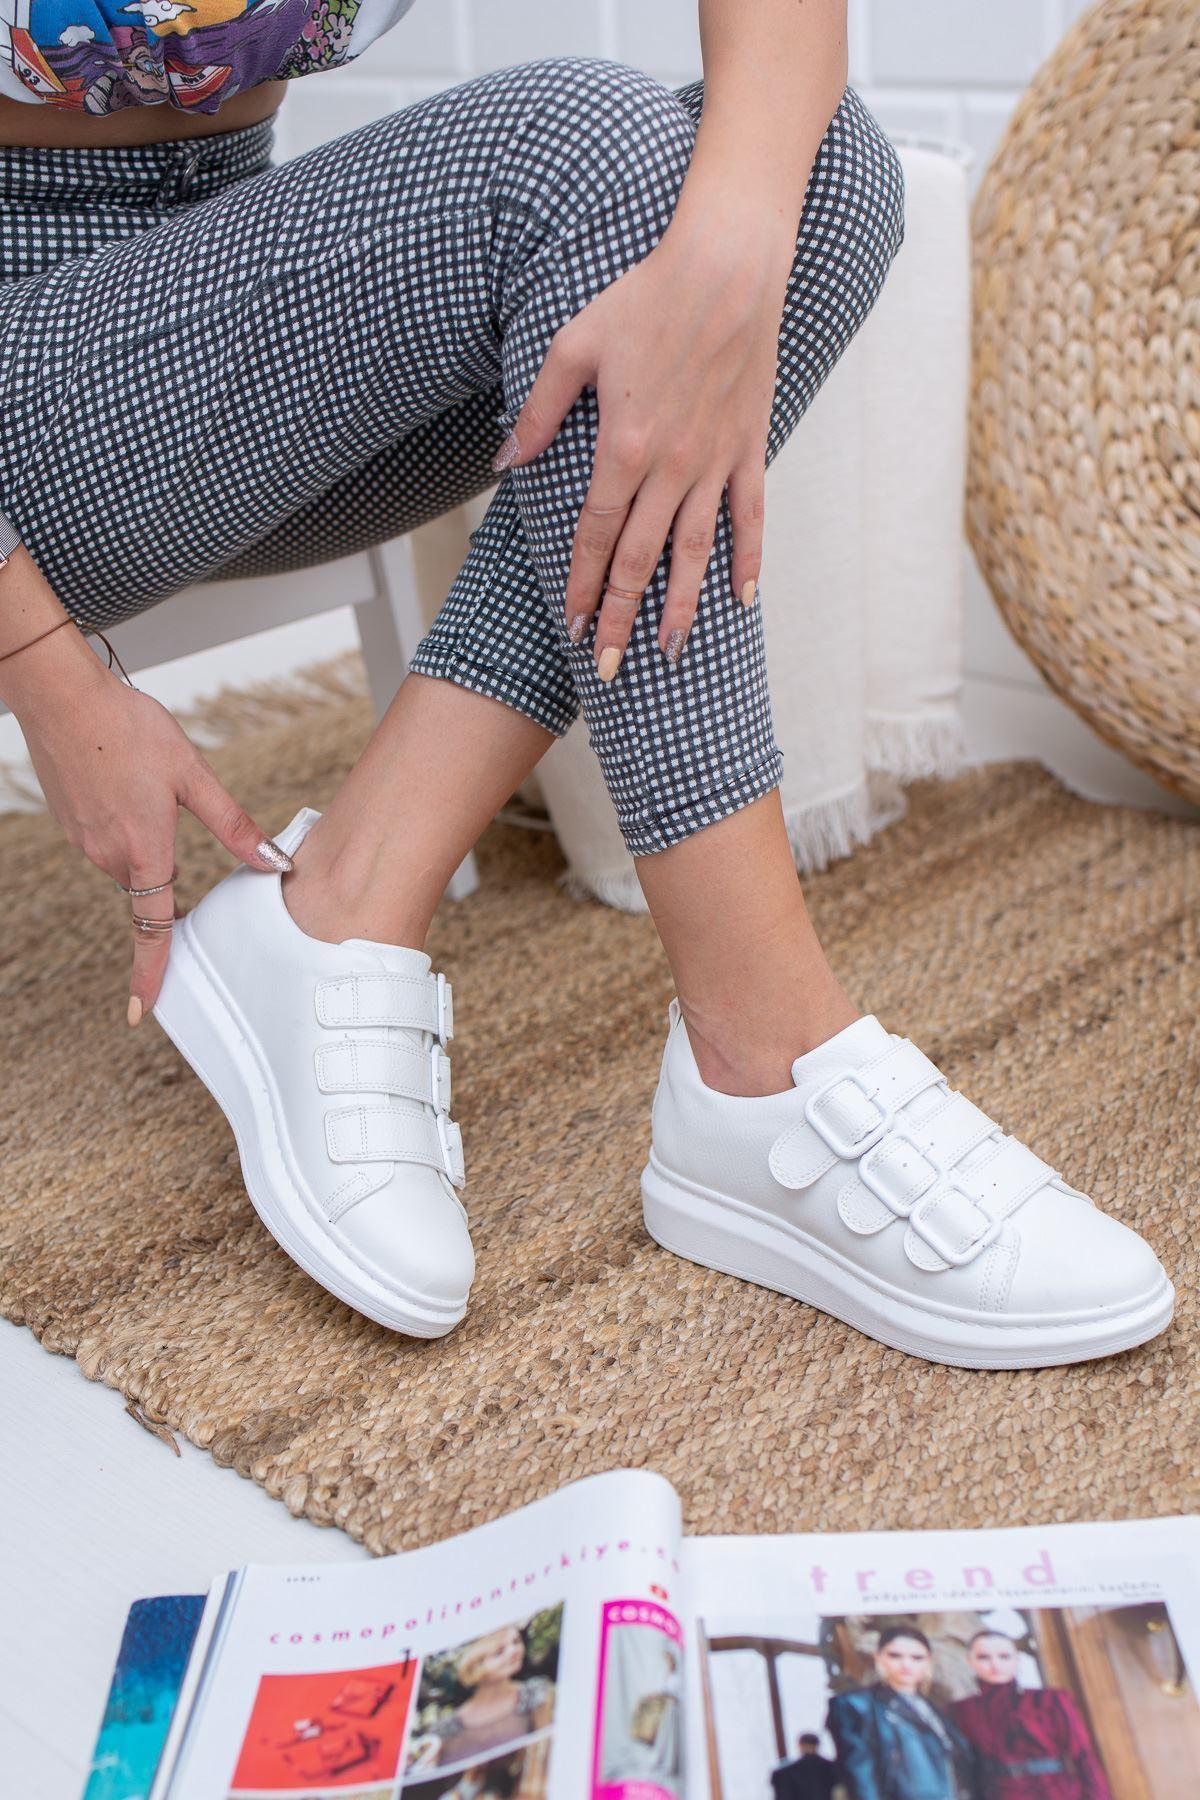 Gayle Beyaz Kadın Sneakers